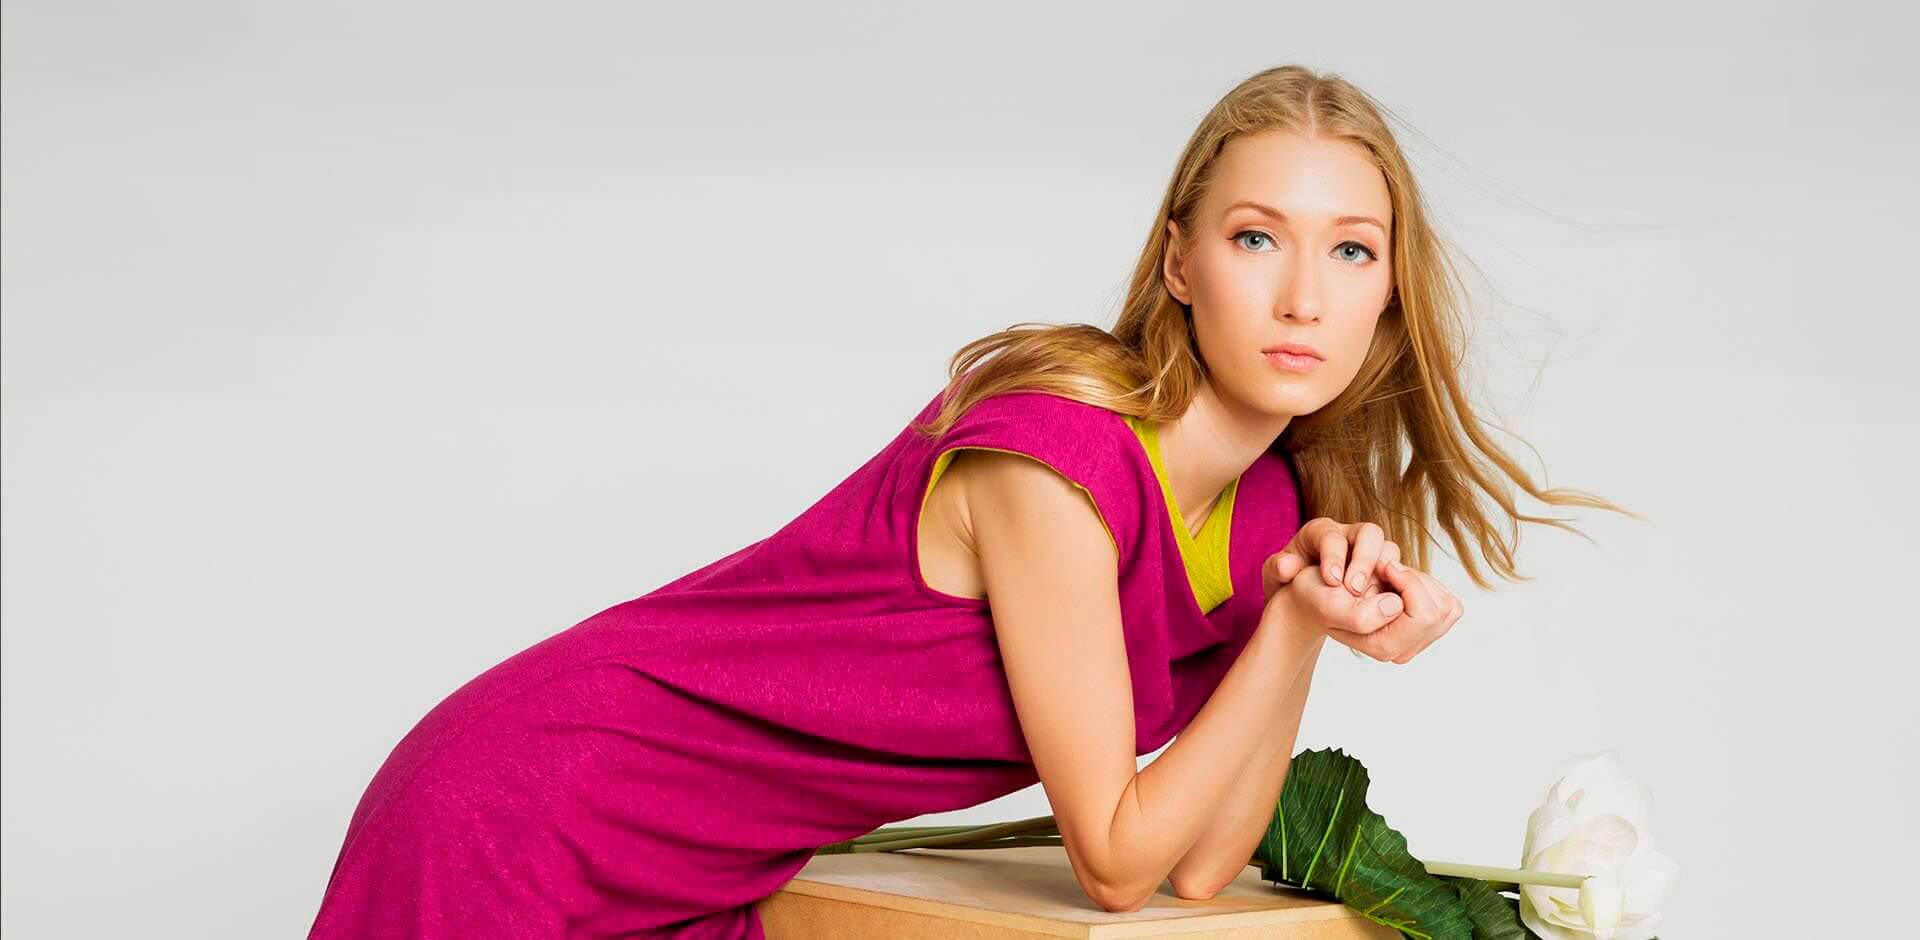 nachhaltige mode schweiz